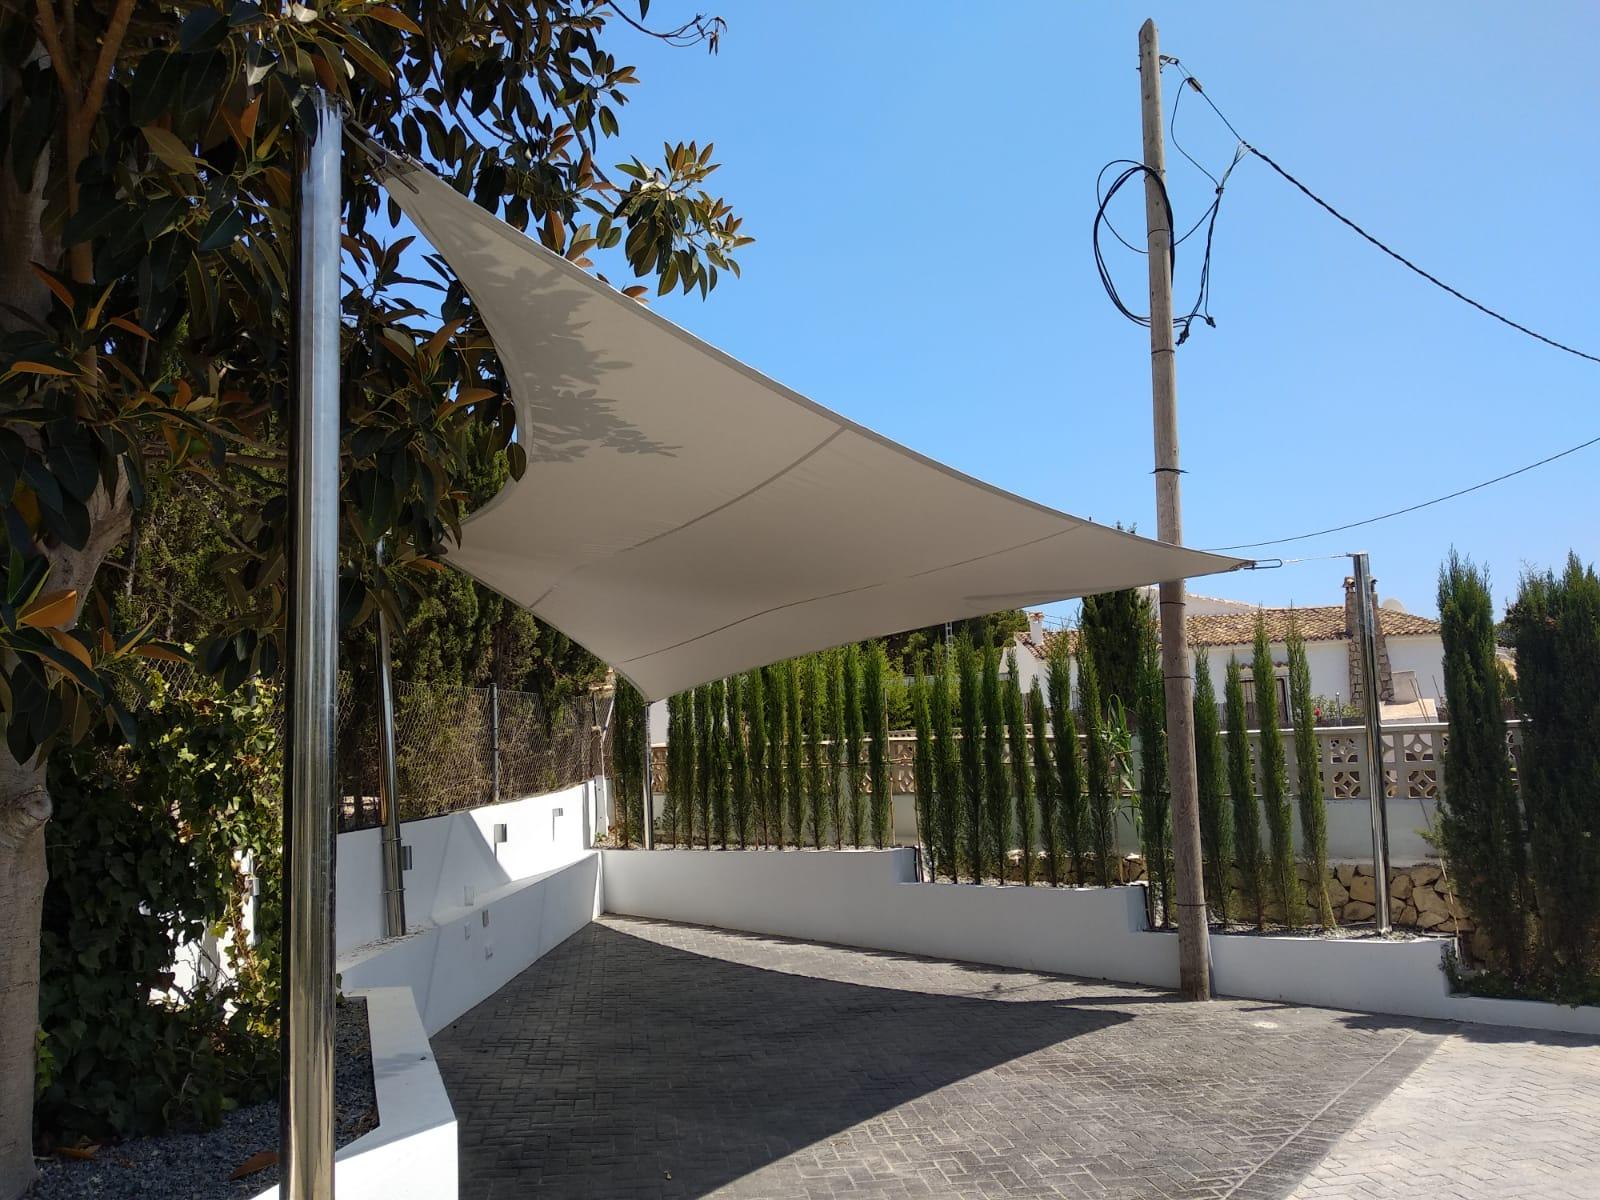 Toldos en barcelona toldos tecnisol instalaci n y fabricaci n de toldos - Toldos en barcelona ...